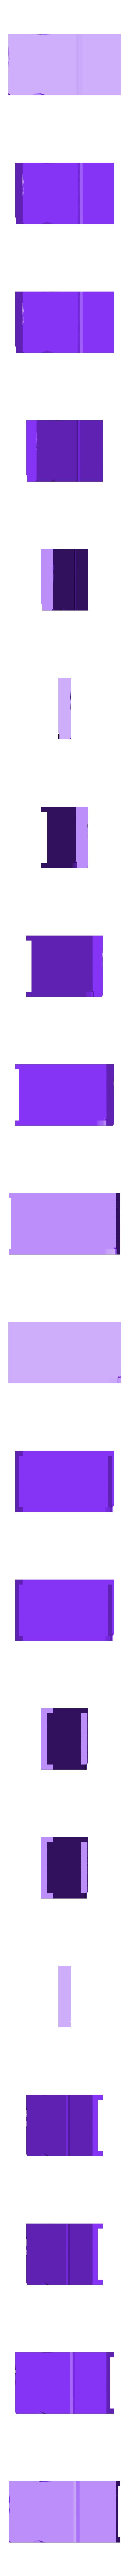 petit table de bois.stl Télécharger fichier STL crèche de noel finition + • Modèle imprimable en 3D, YOHAN_3D